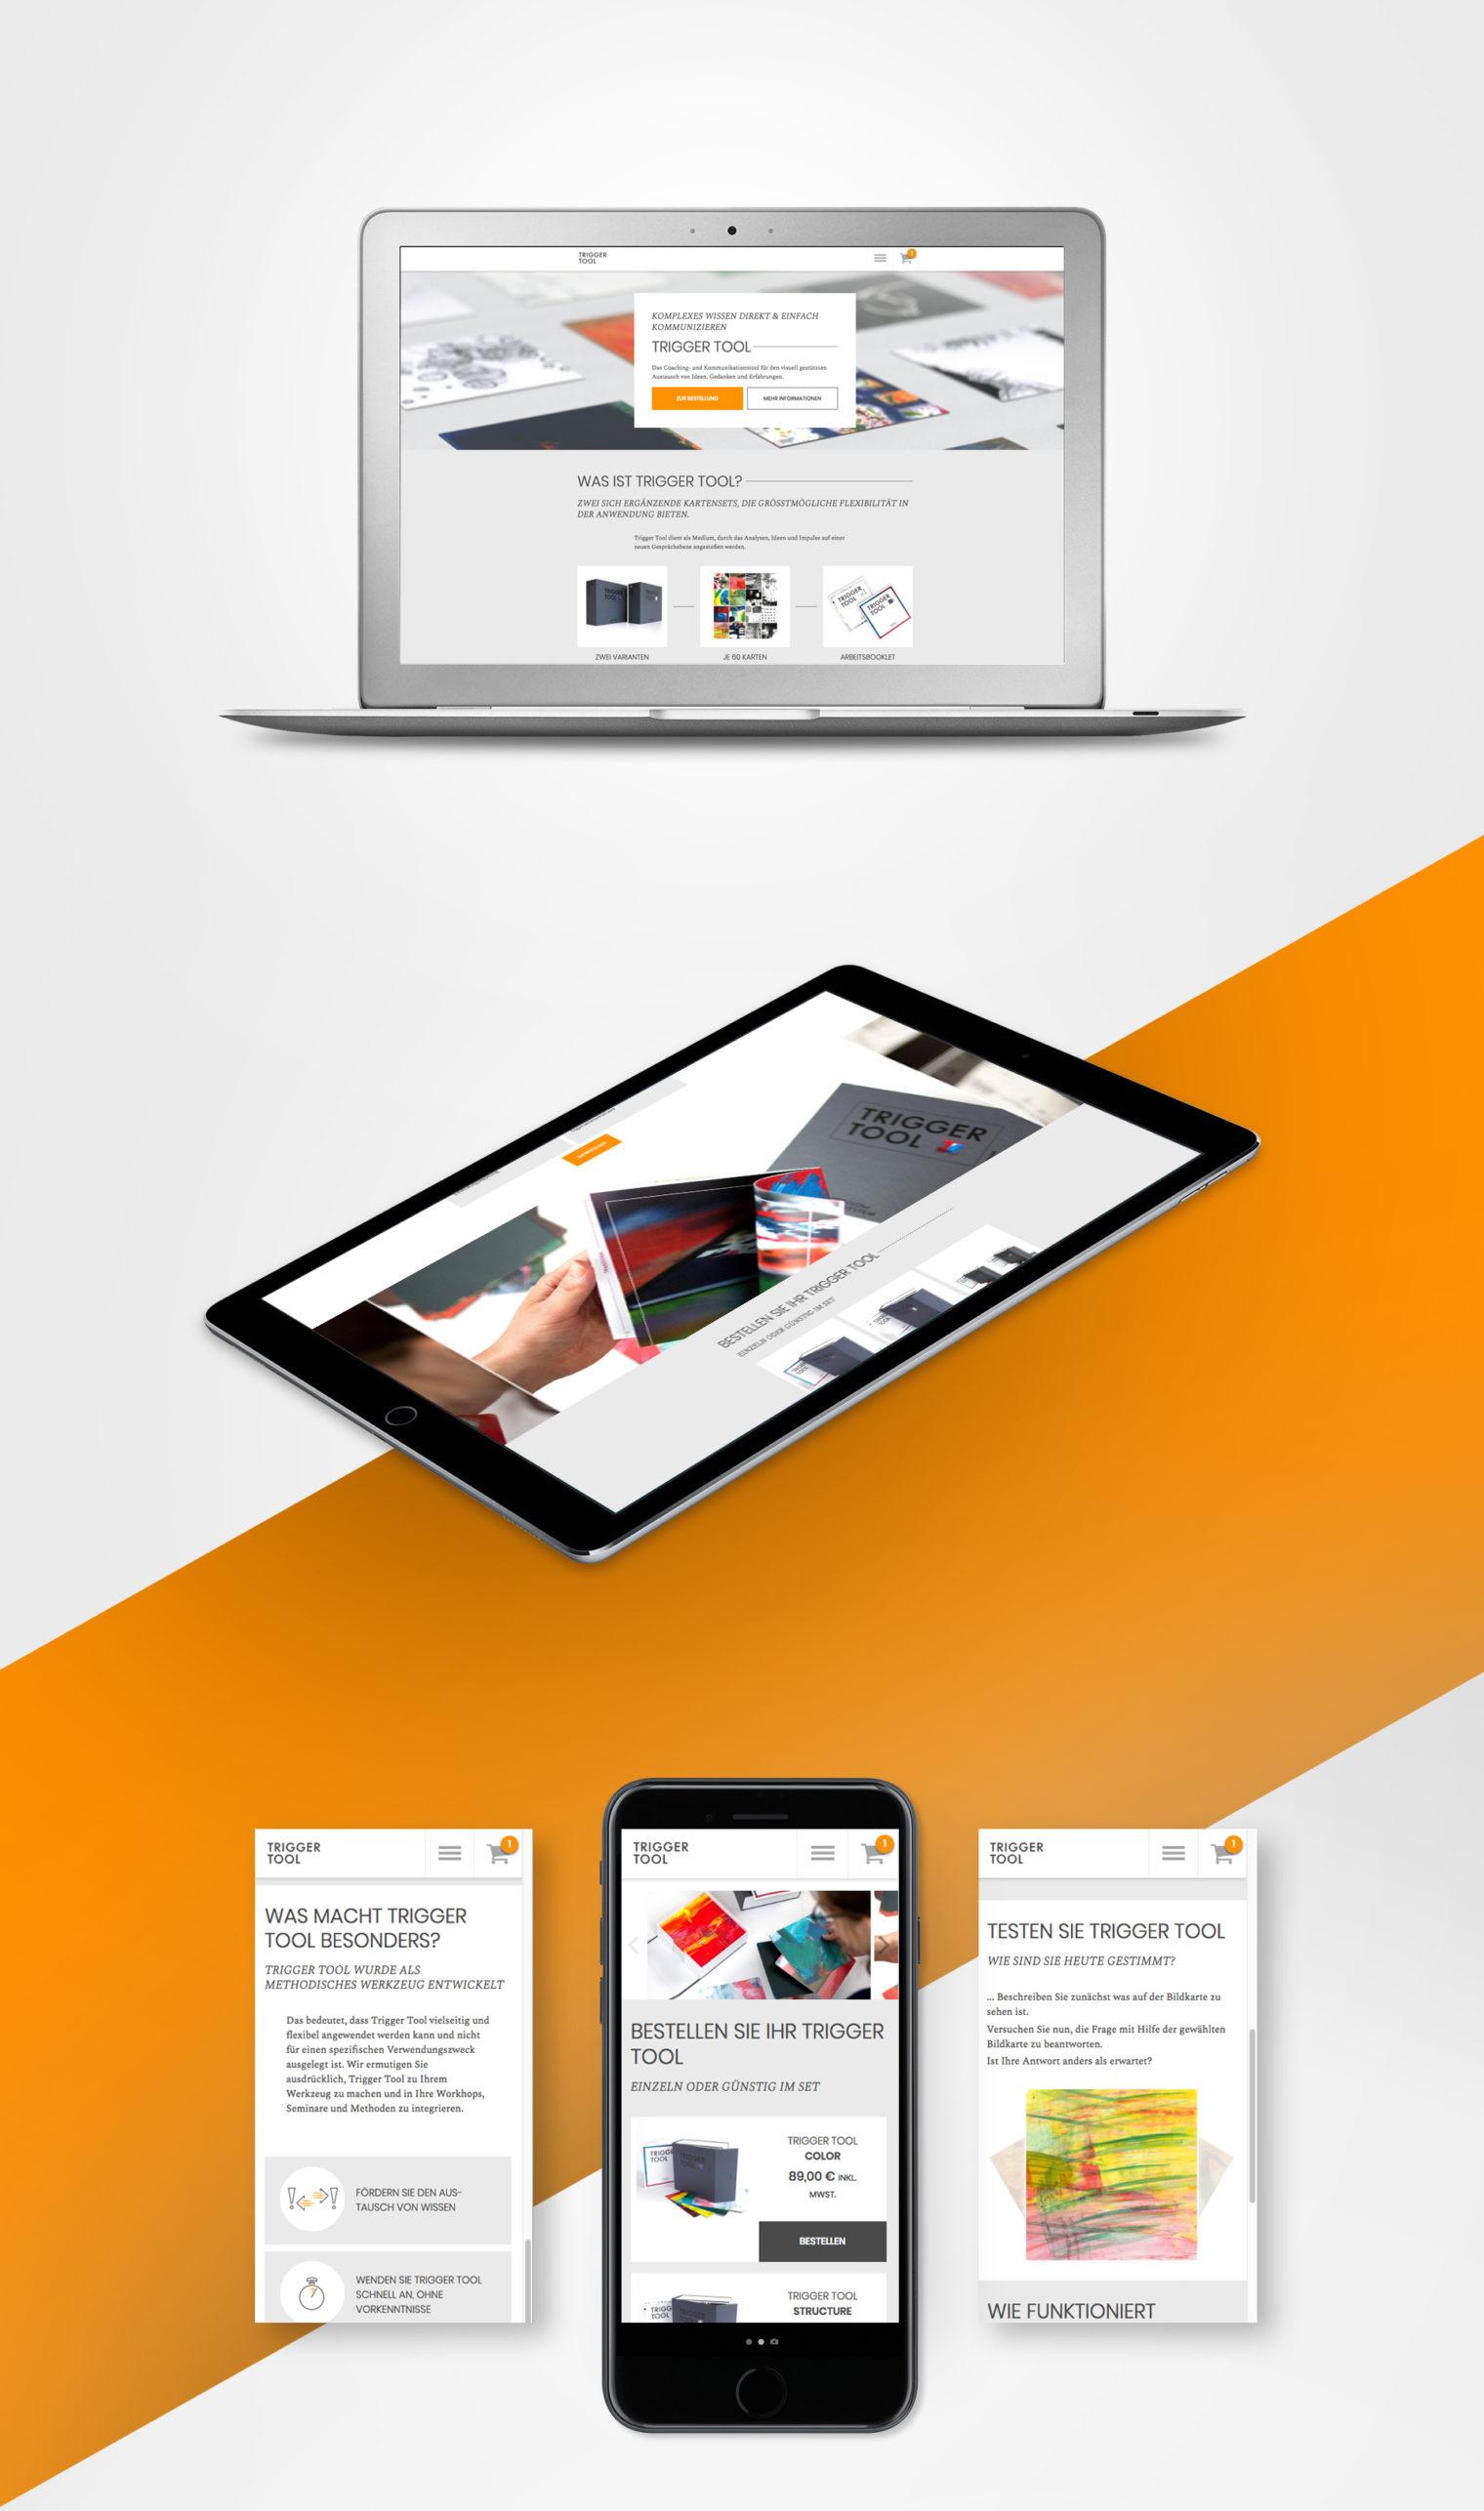 Trigger Tool Webdesign Webprogrammierung